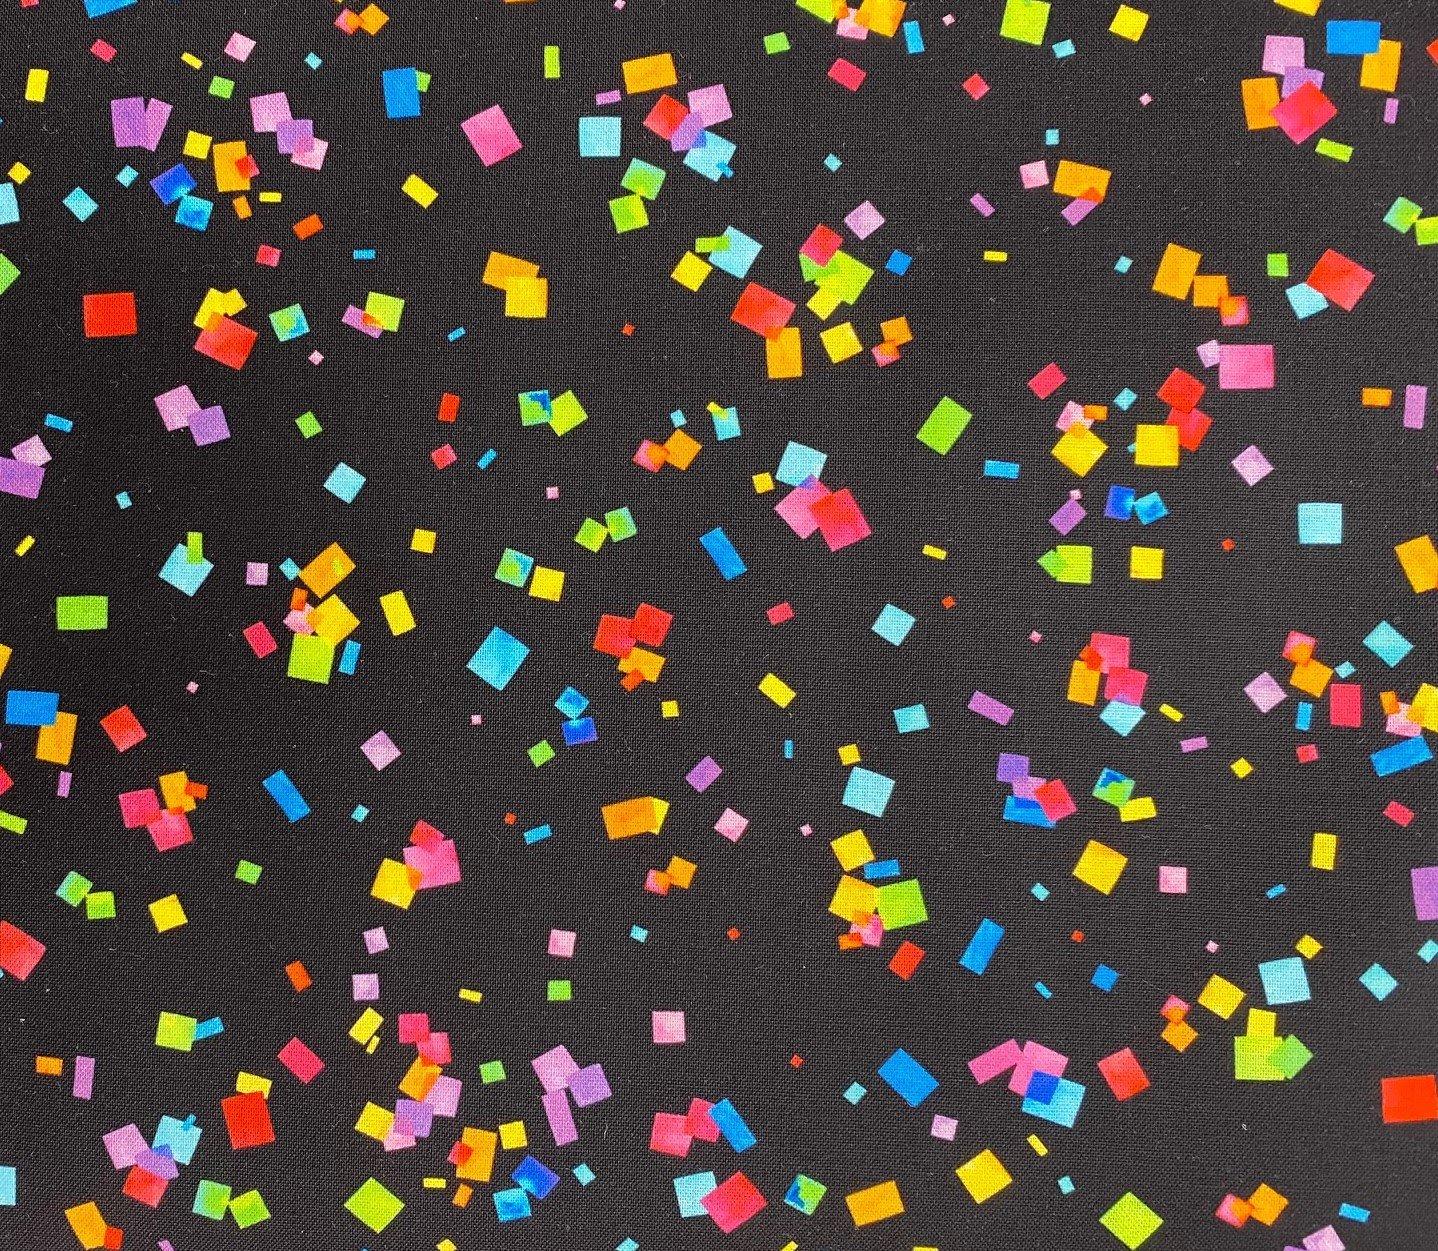 Confetti on Black- Cue the Confetti